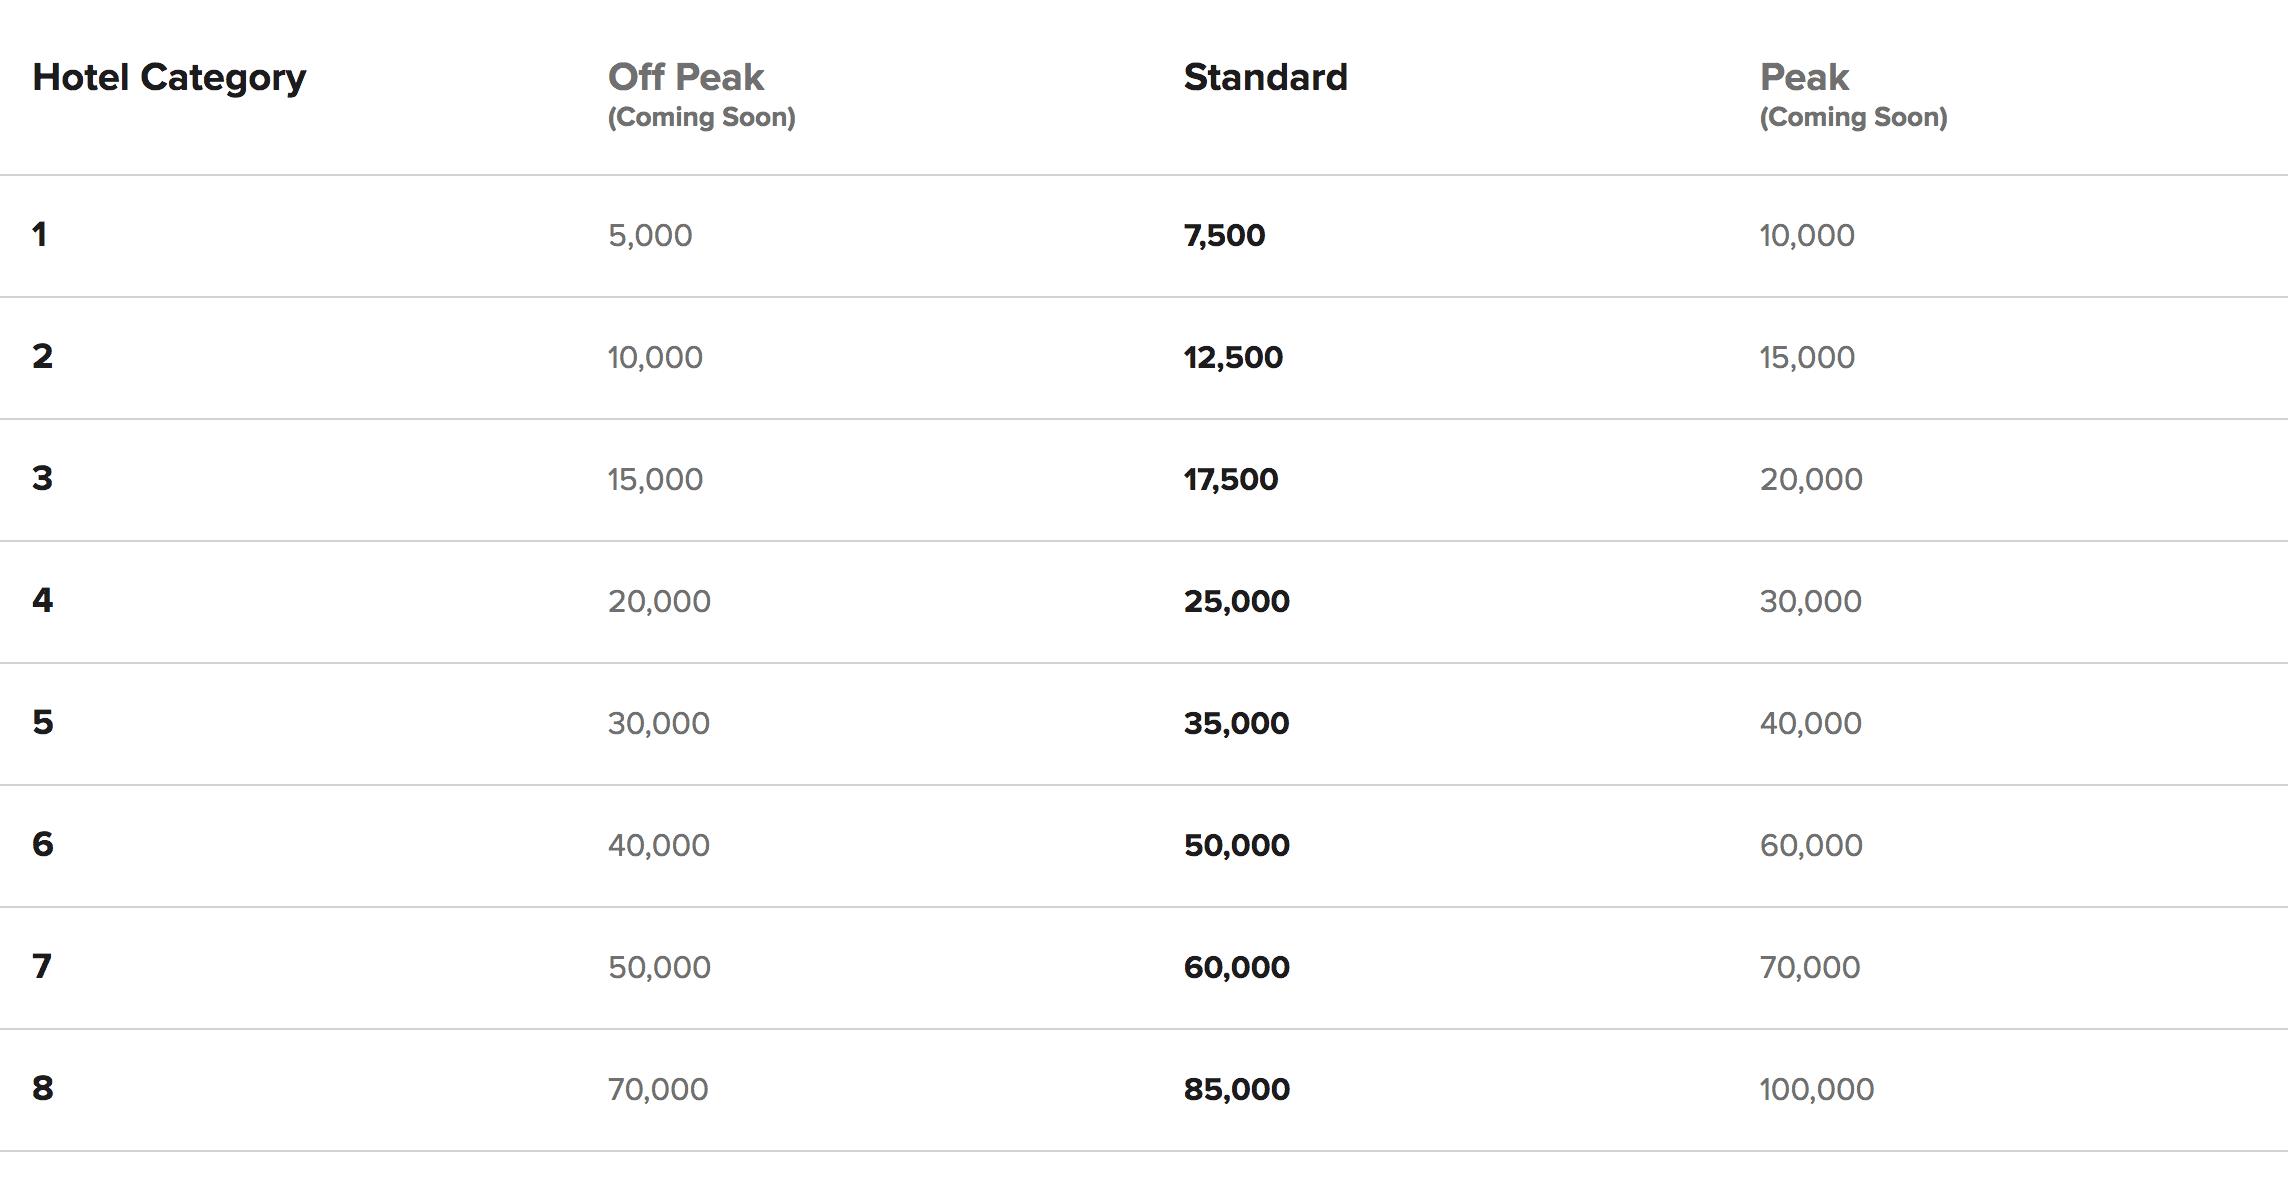 Marriott Peak Pricing